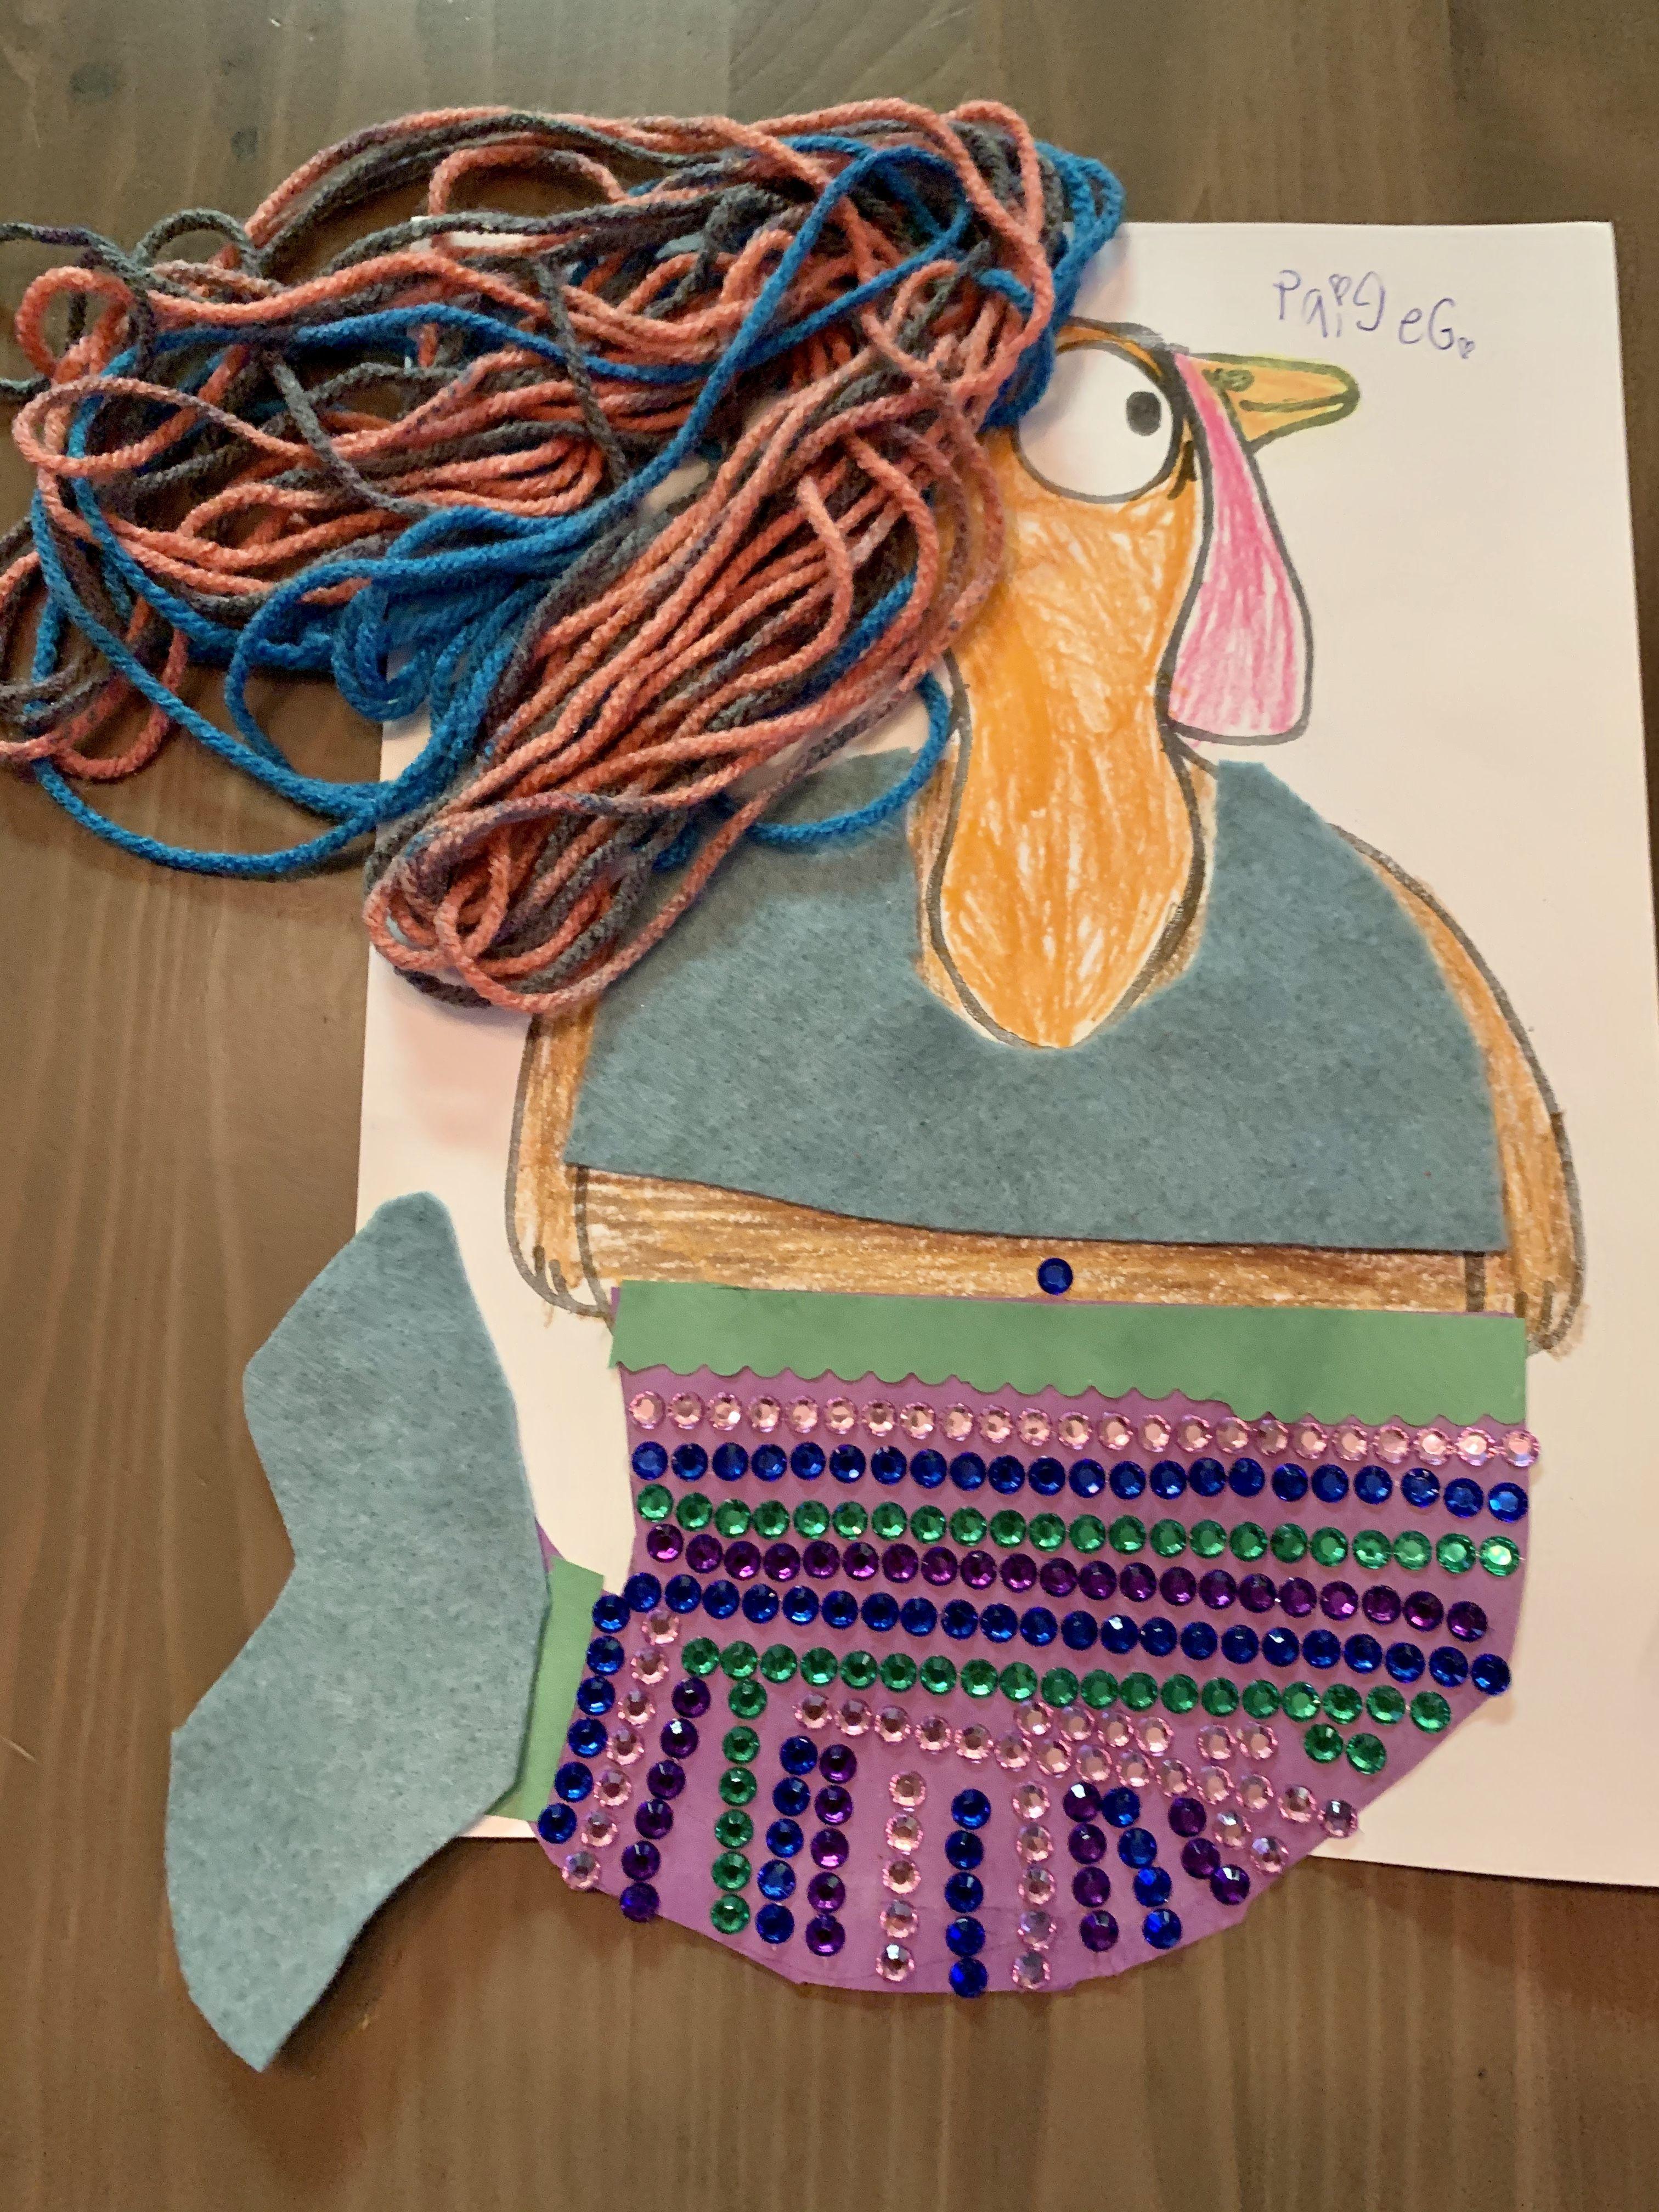 Disguise a turkey school project- mermaid turkey, hide a turkey #disguiseaturkeyideas Need an idea for a girl hide a turkey project? Easy mermaid with sticker rhinestones, felt and yarn. #disguiseaturkeyideas Disguise a turkey school project- mermaid turkey, hide a turkey #disguiseaturkeyideas Need an idea for a girl hide a turkey project? Easy mermaid with sticker rhinestones, felt and yarn. #disguiseaturkey Disguise a turkey school project- mermaid turkey, hide a turkey #disguiseaturkeyideas N #disguiseaturkeyideas